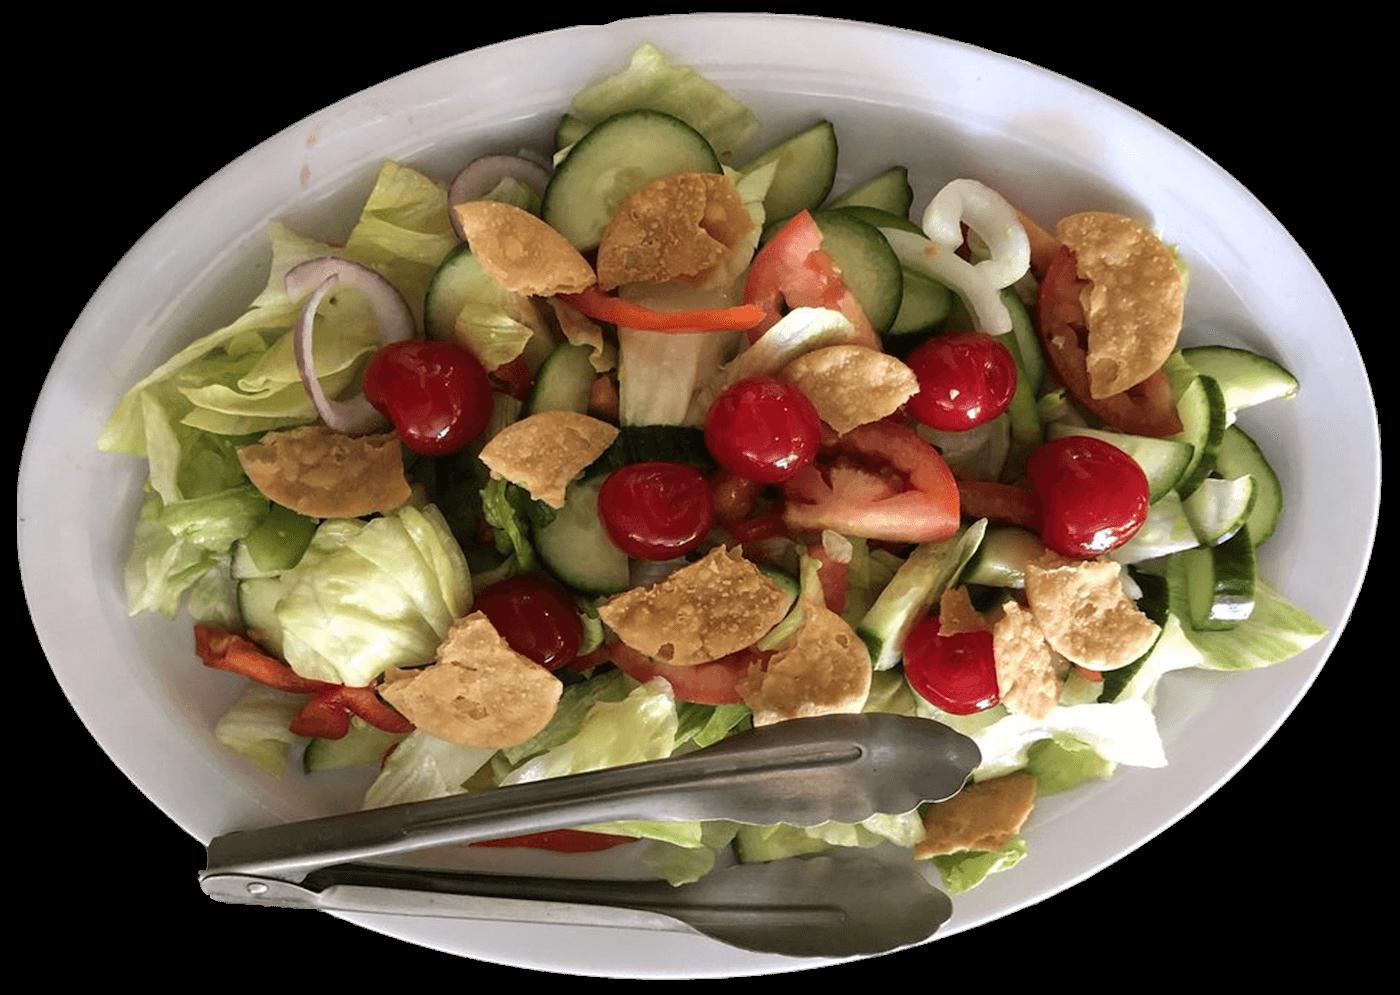 Salad Plate